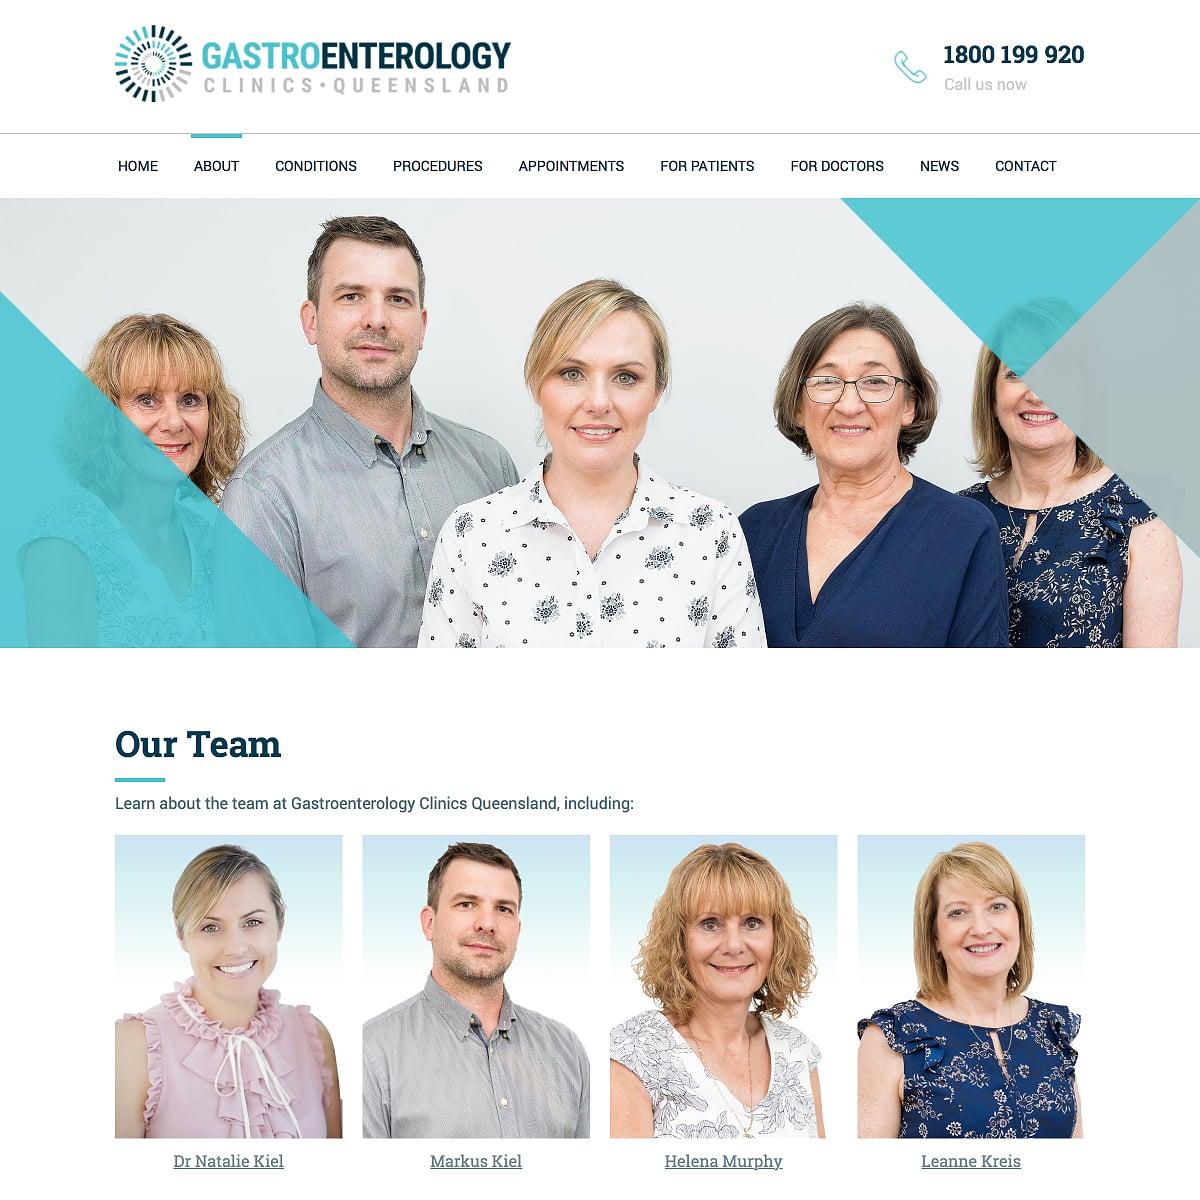 Gastroenterology Clinics Queensland - Our Team